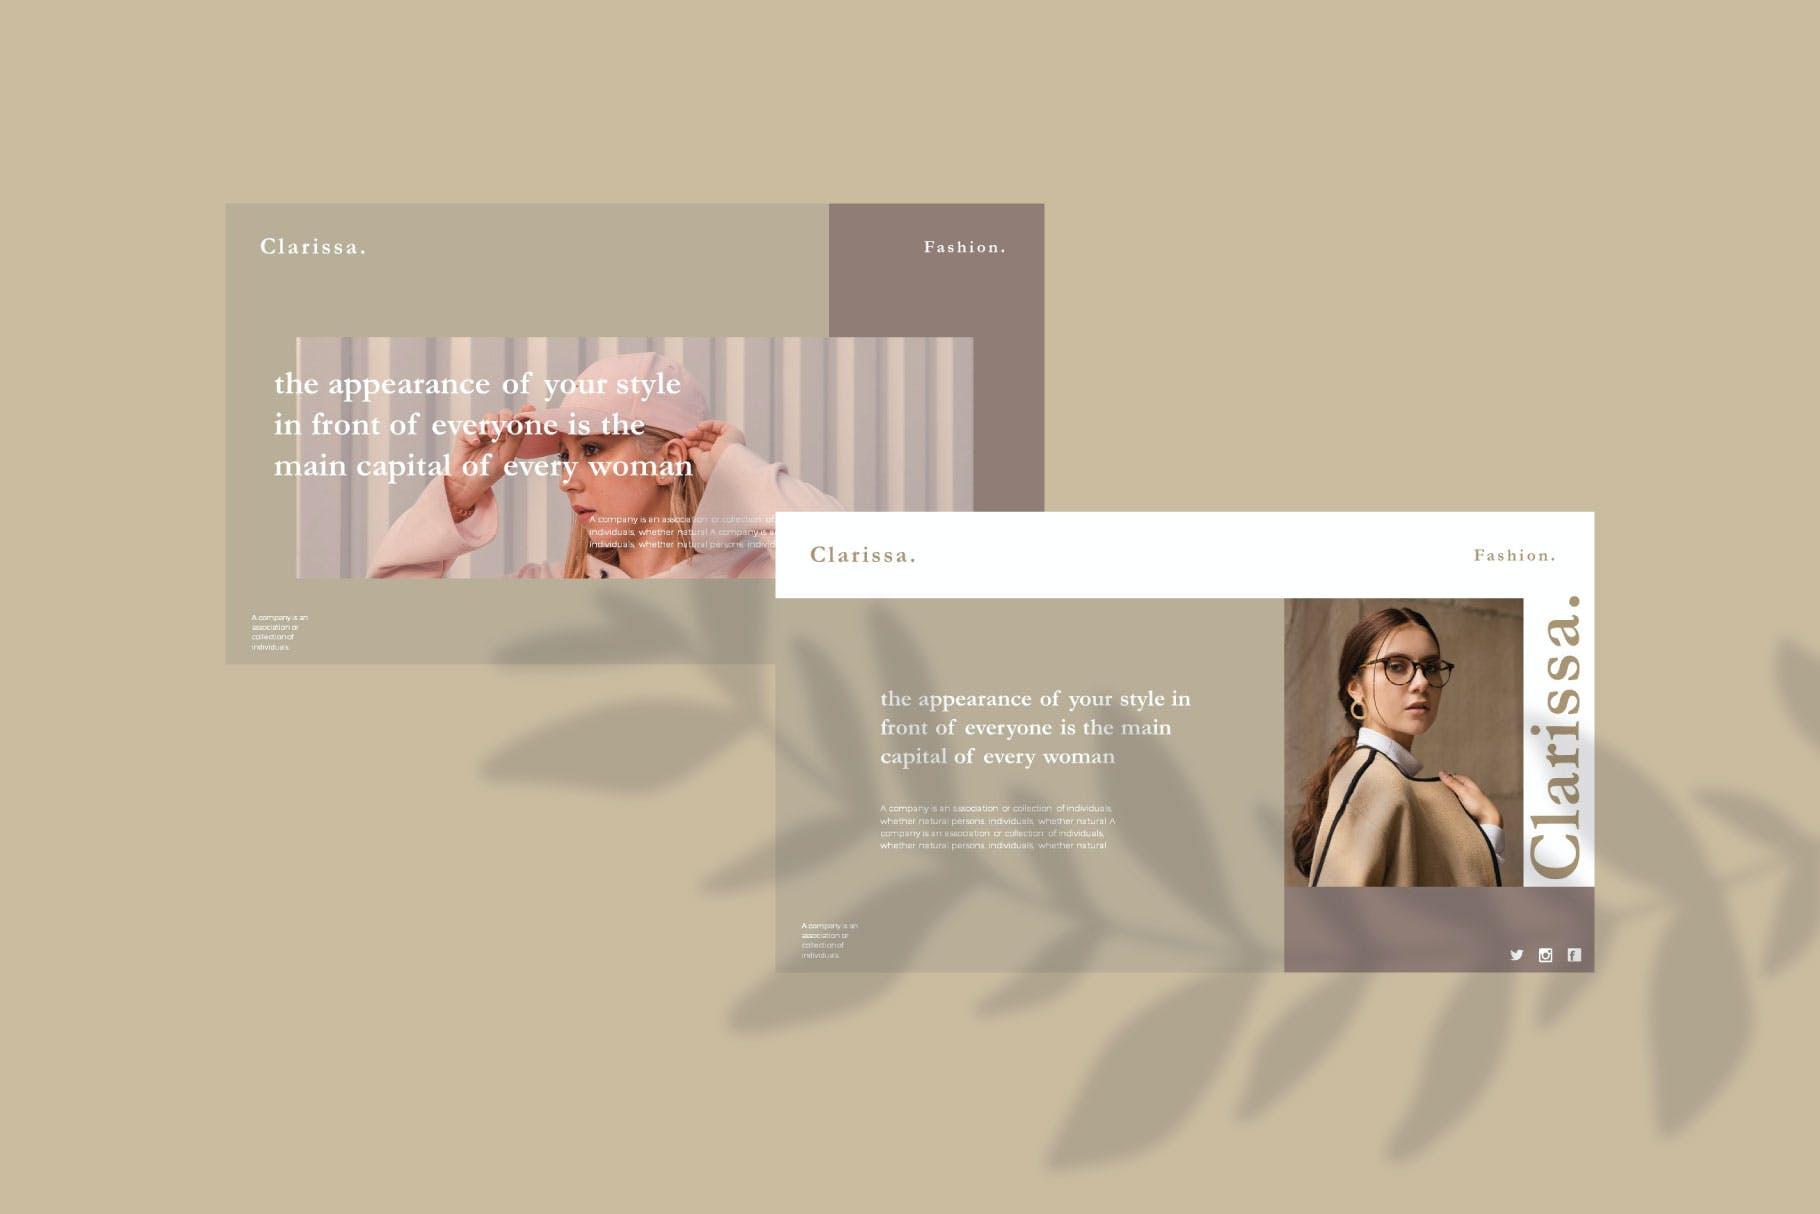 时尚简约摄影作品集图文排版幻灯片设计模板 Clarissa Bundle Presentation插图2